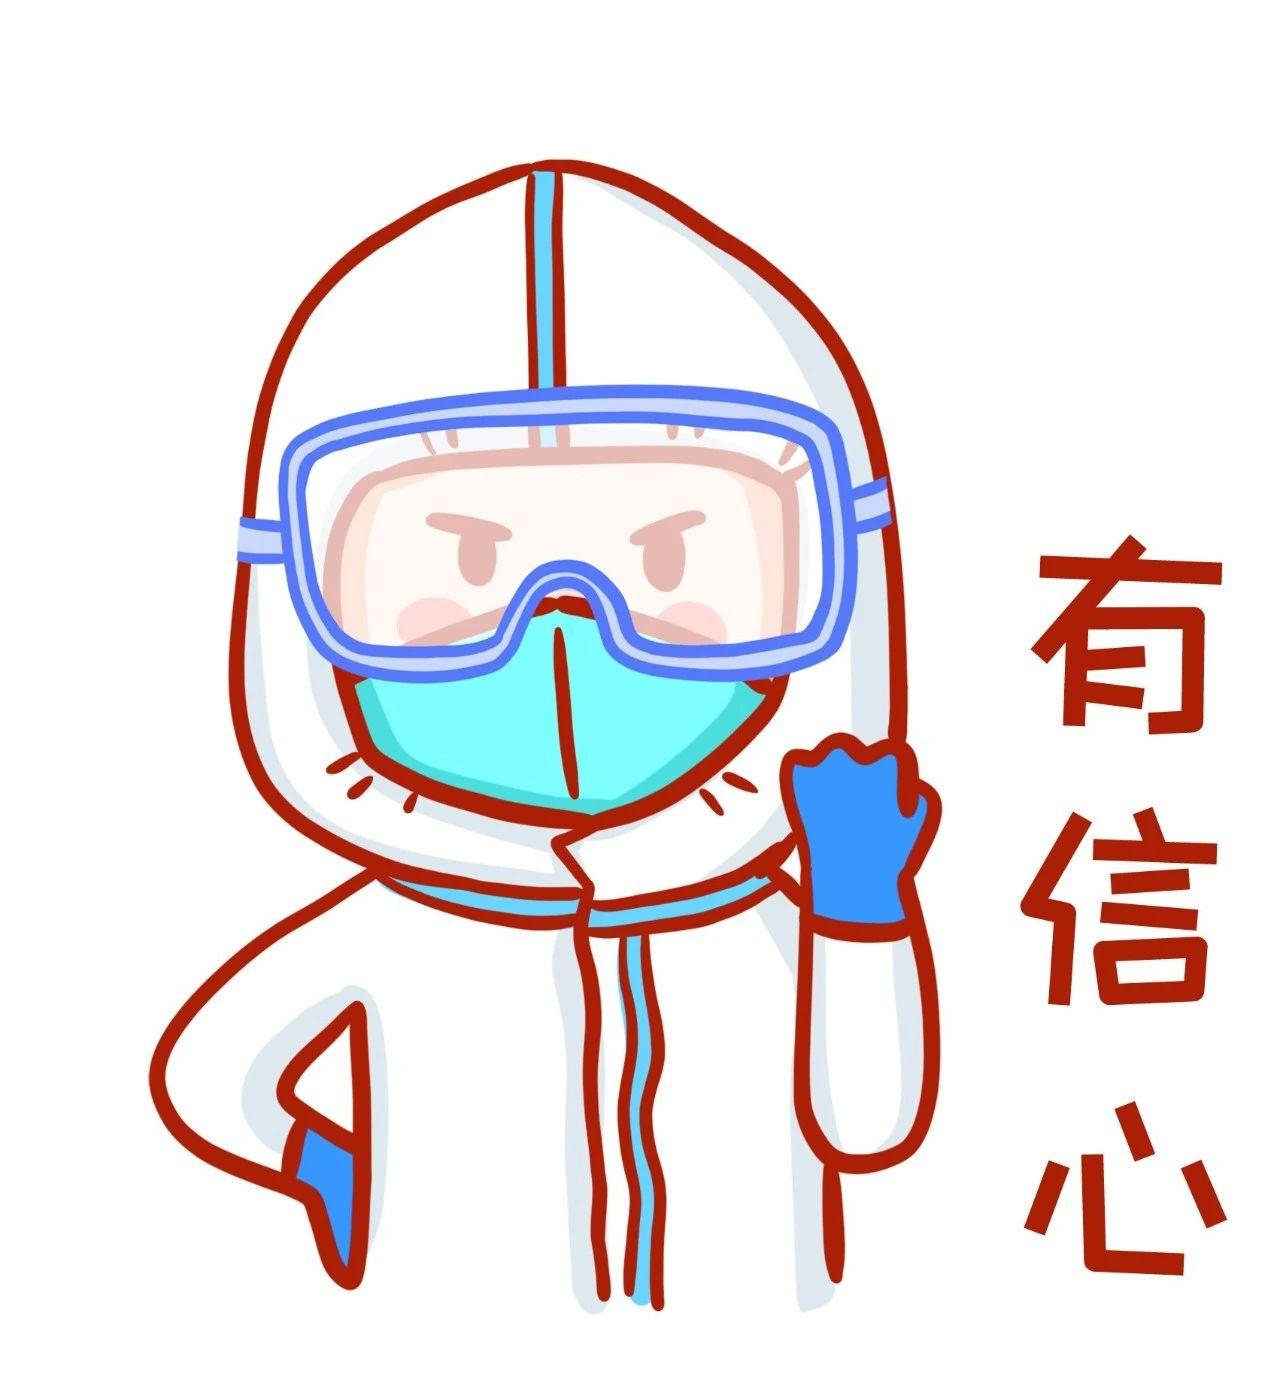 【致吉林勇士(100)】智勇挥剑斩疫魔